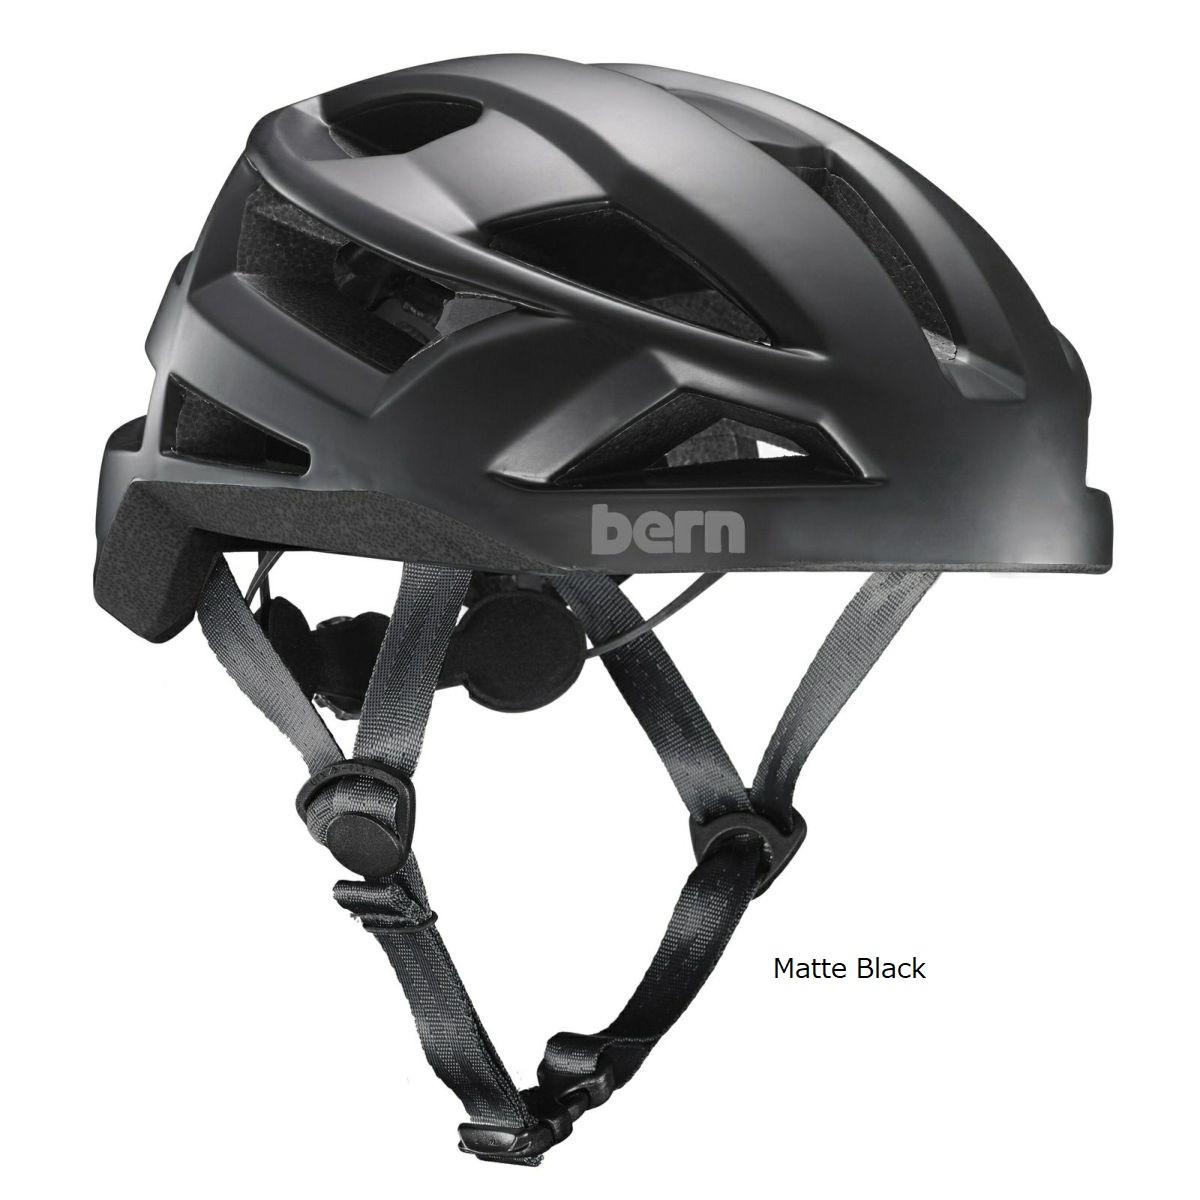 【送料無料】【Bern】 バーン FL-1 LIBRE(エフエルワン リブレ)サイクリング 自転車 全5色 大人用ヘルメット(S-L) FL1_LIBRE【国内正規品】